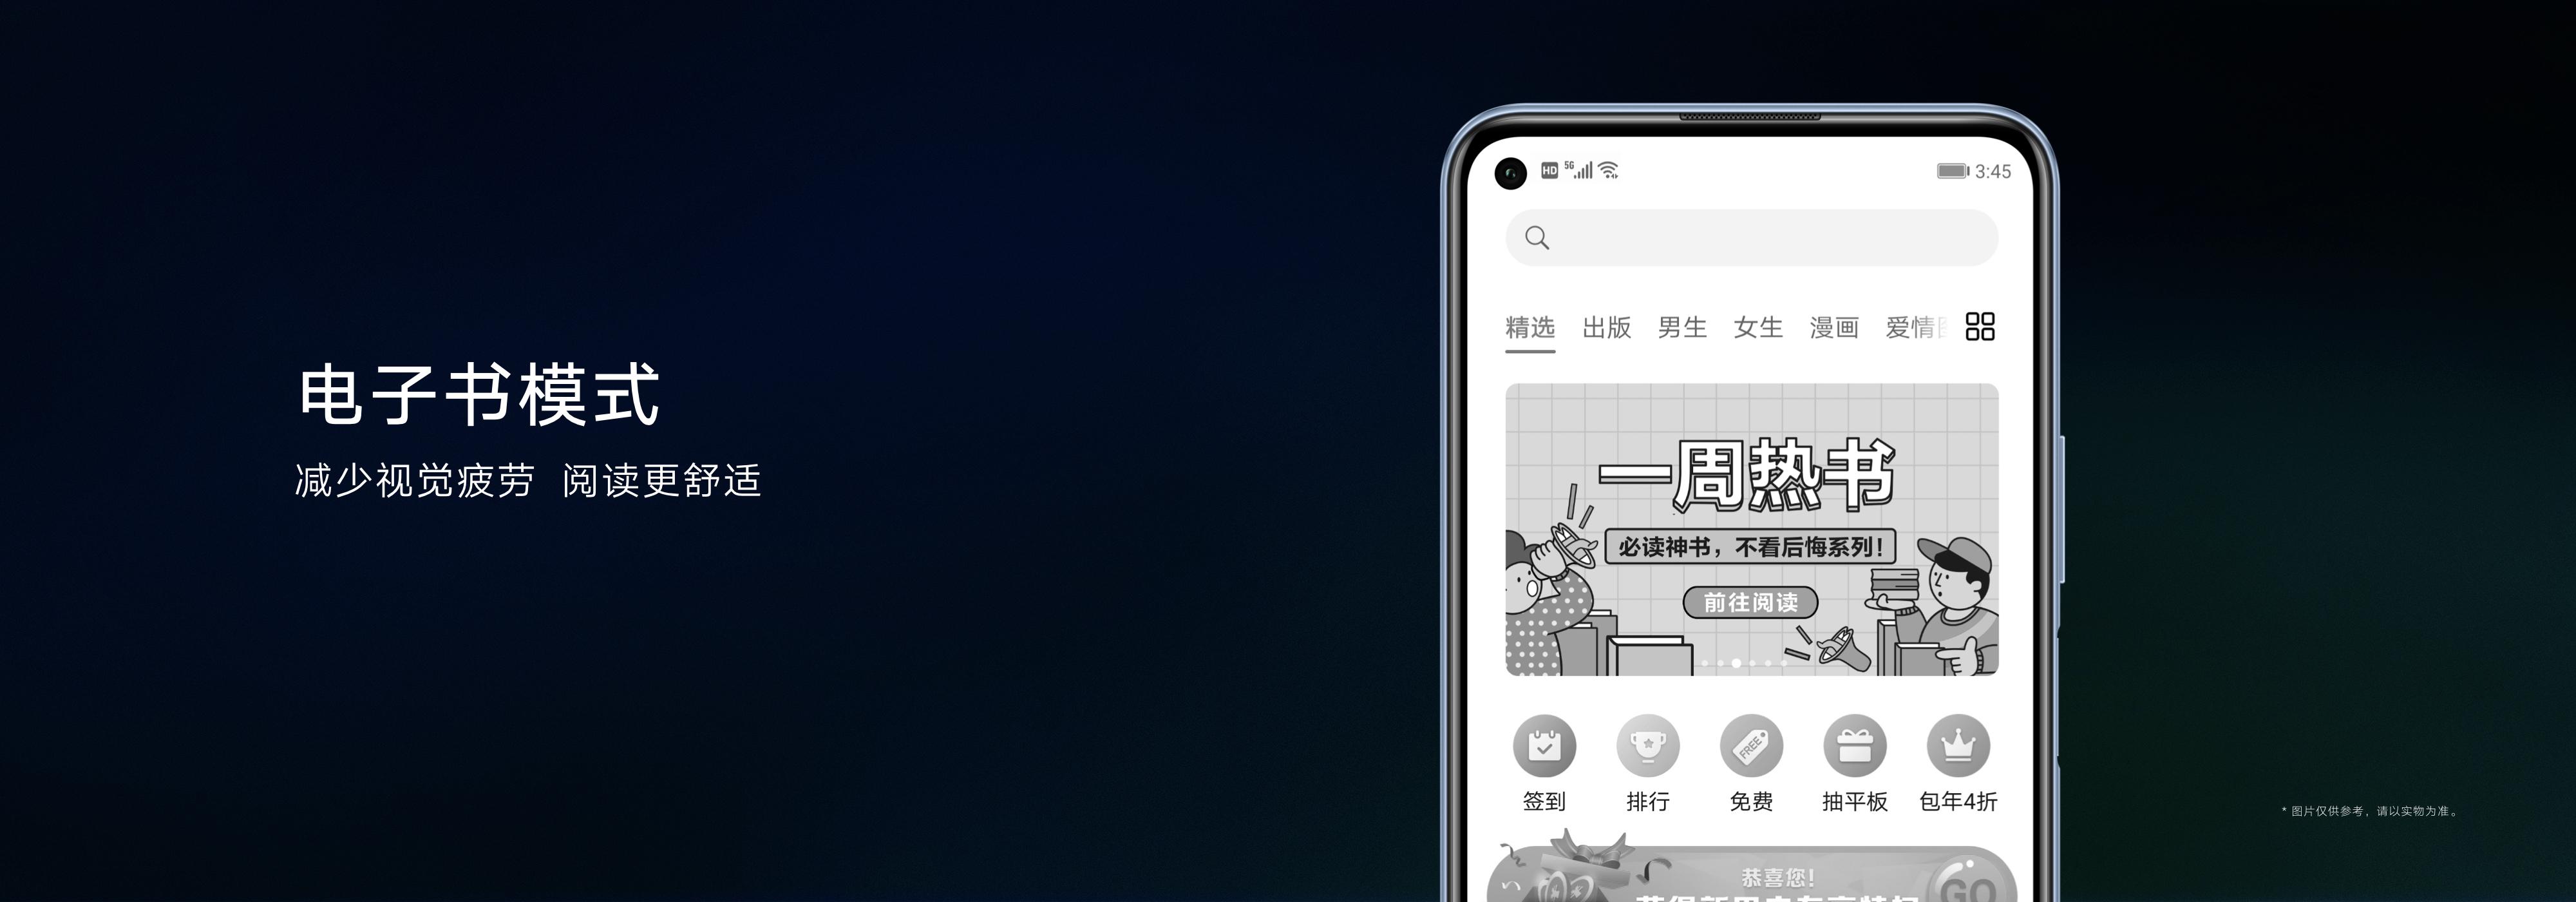 荣耀30S发布会胶片.049.jpeg